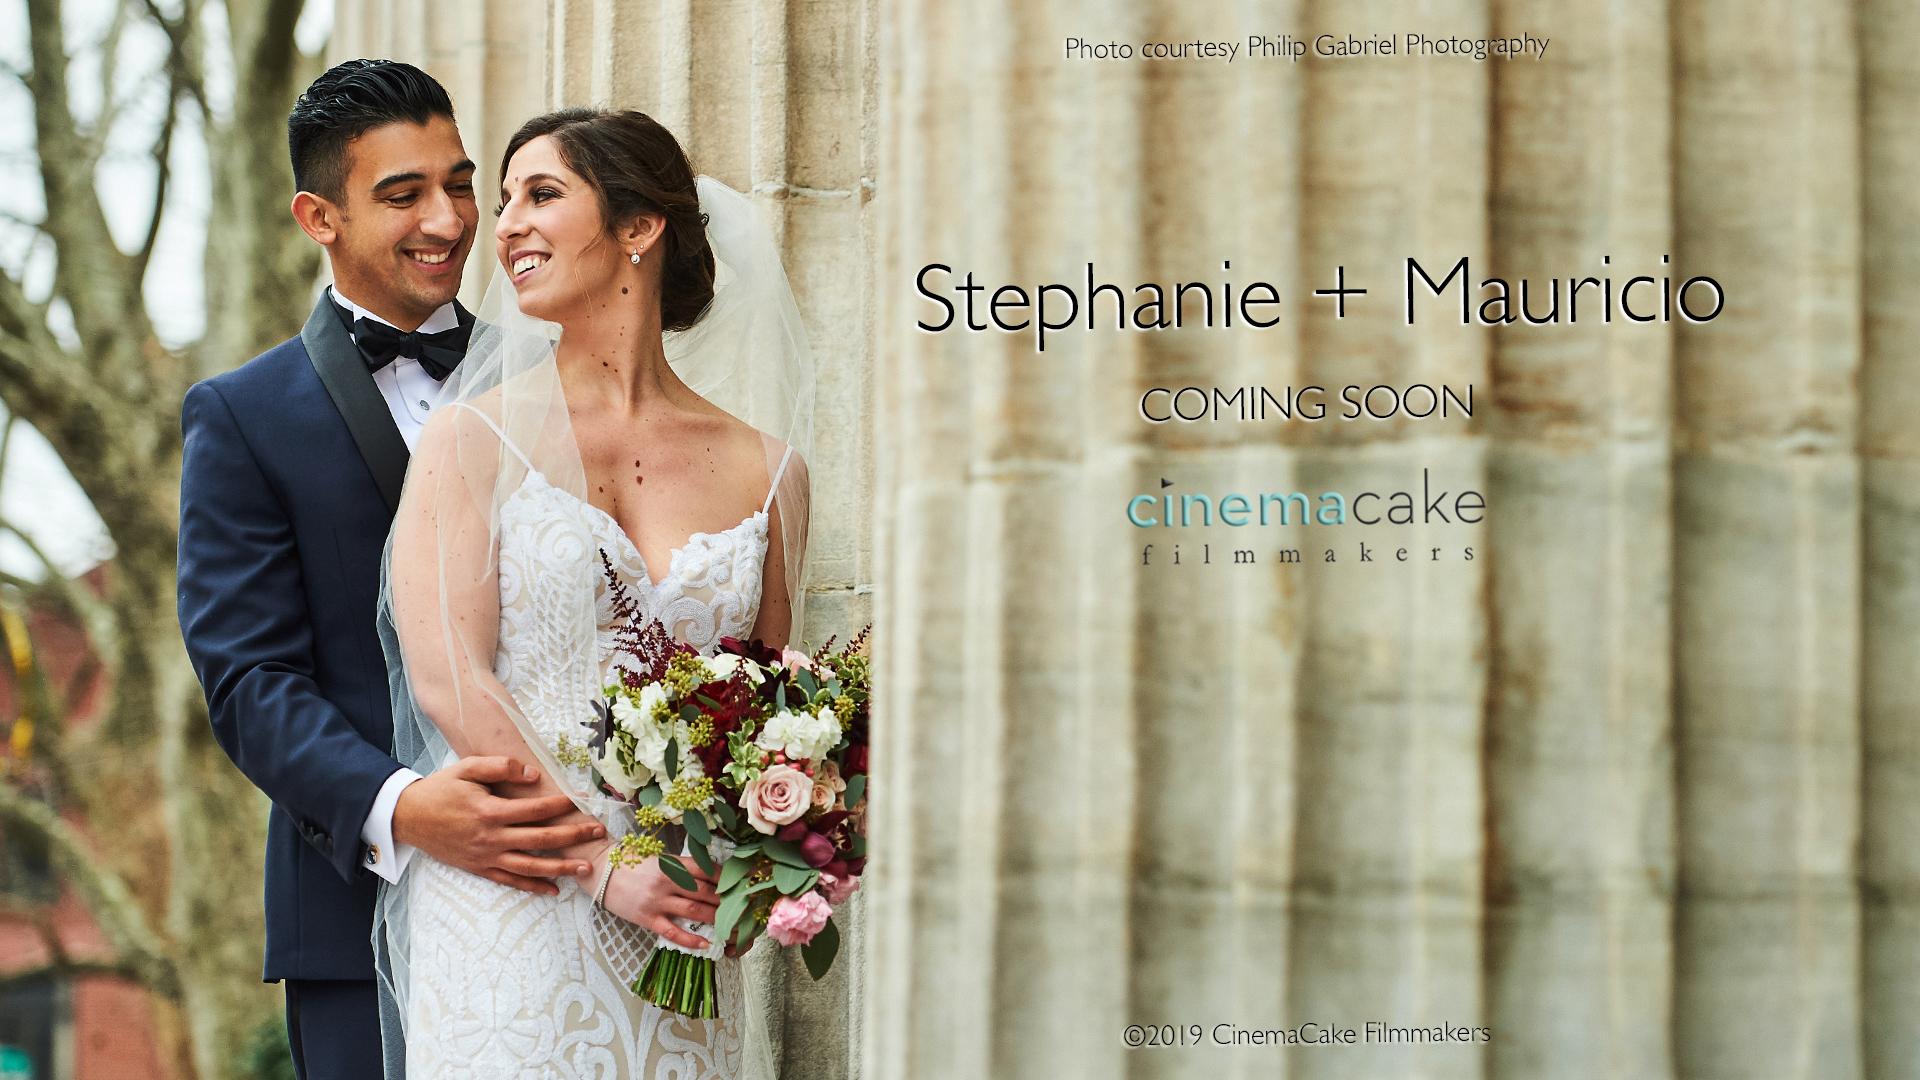 Stephanie and Mauricio